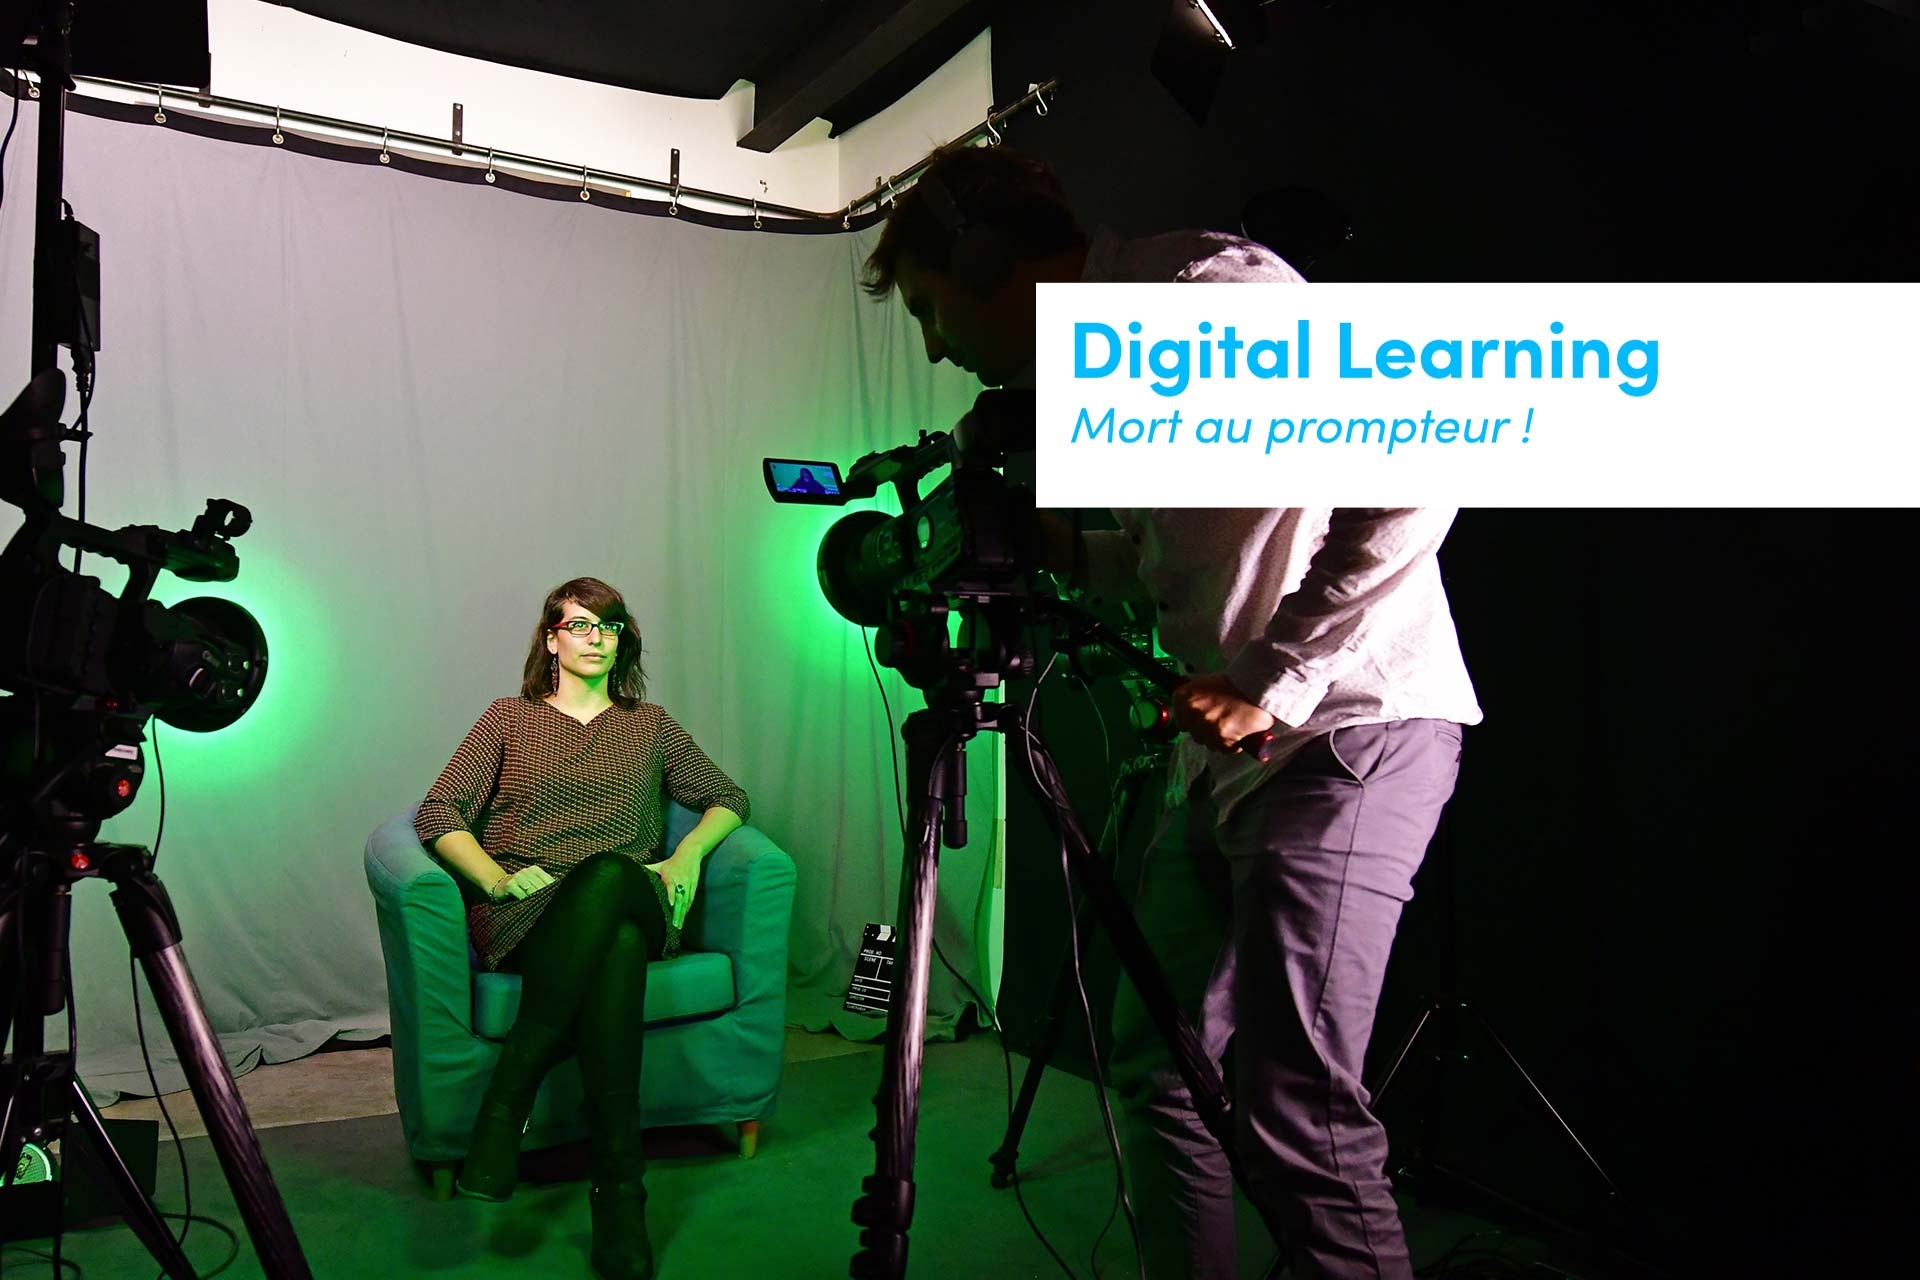 video digital et prompteur la fausse bonne idee